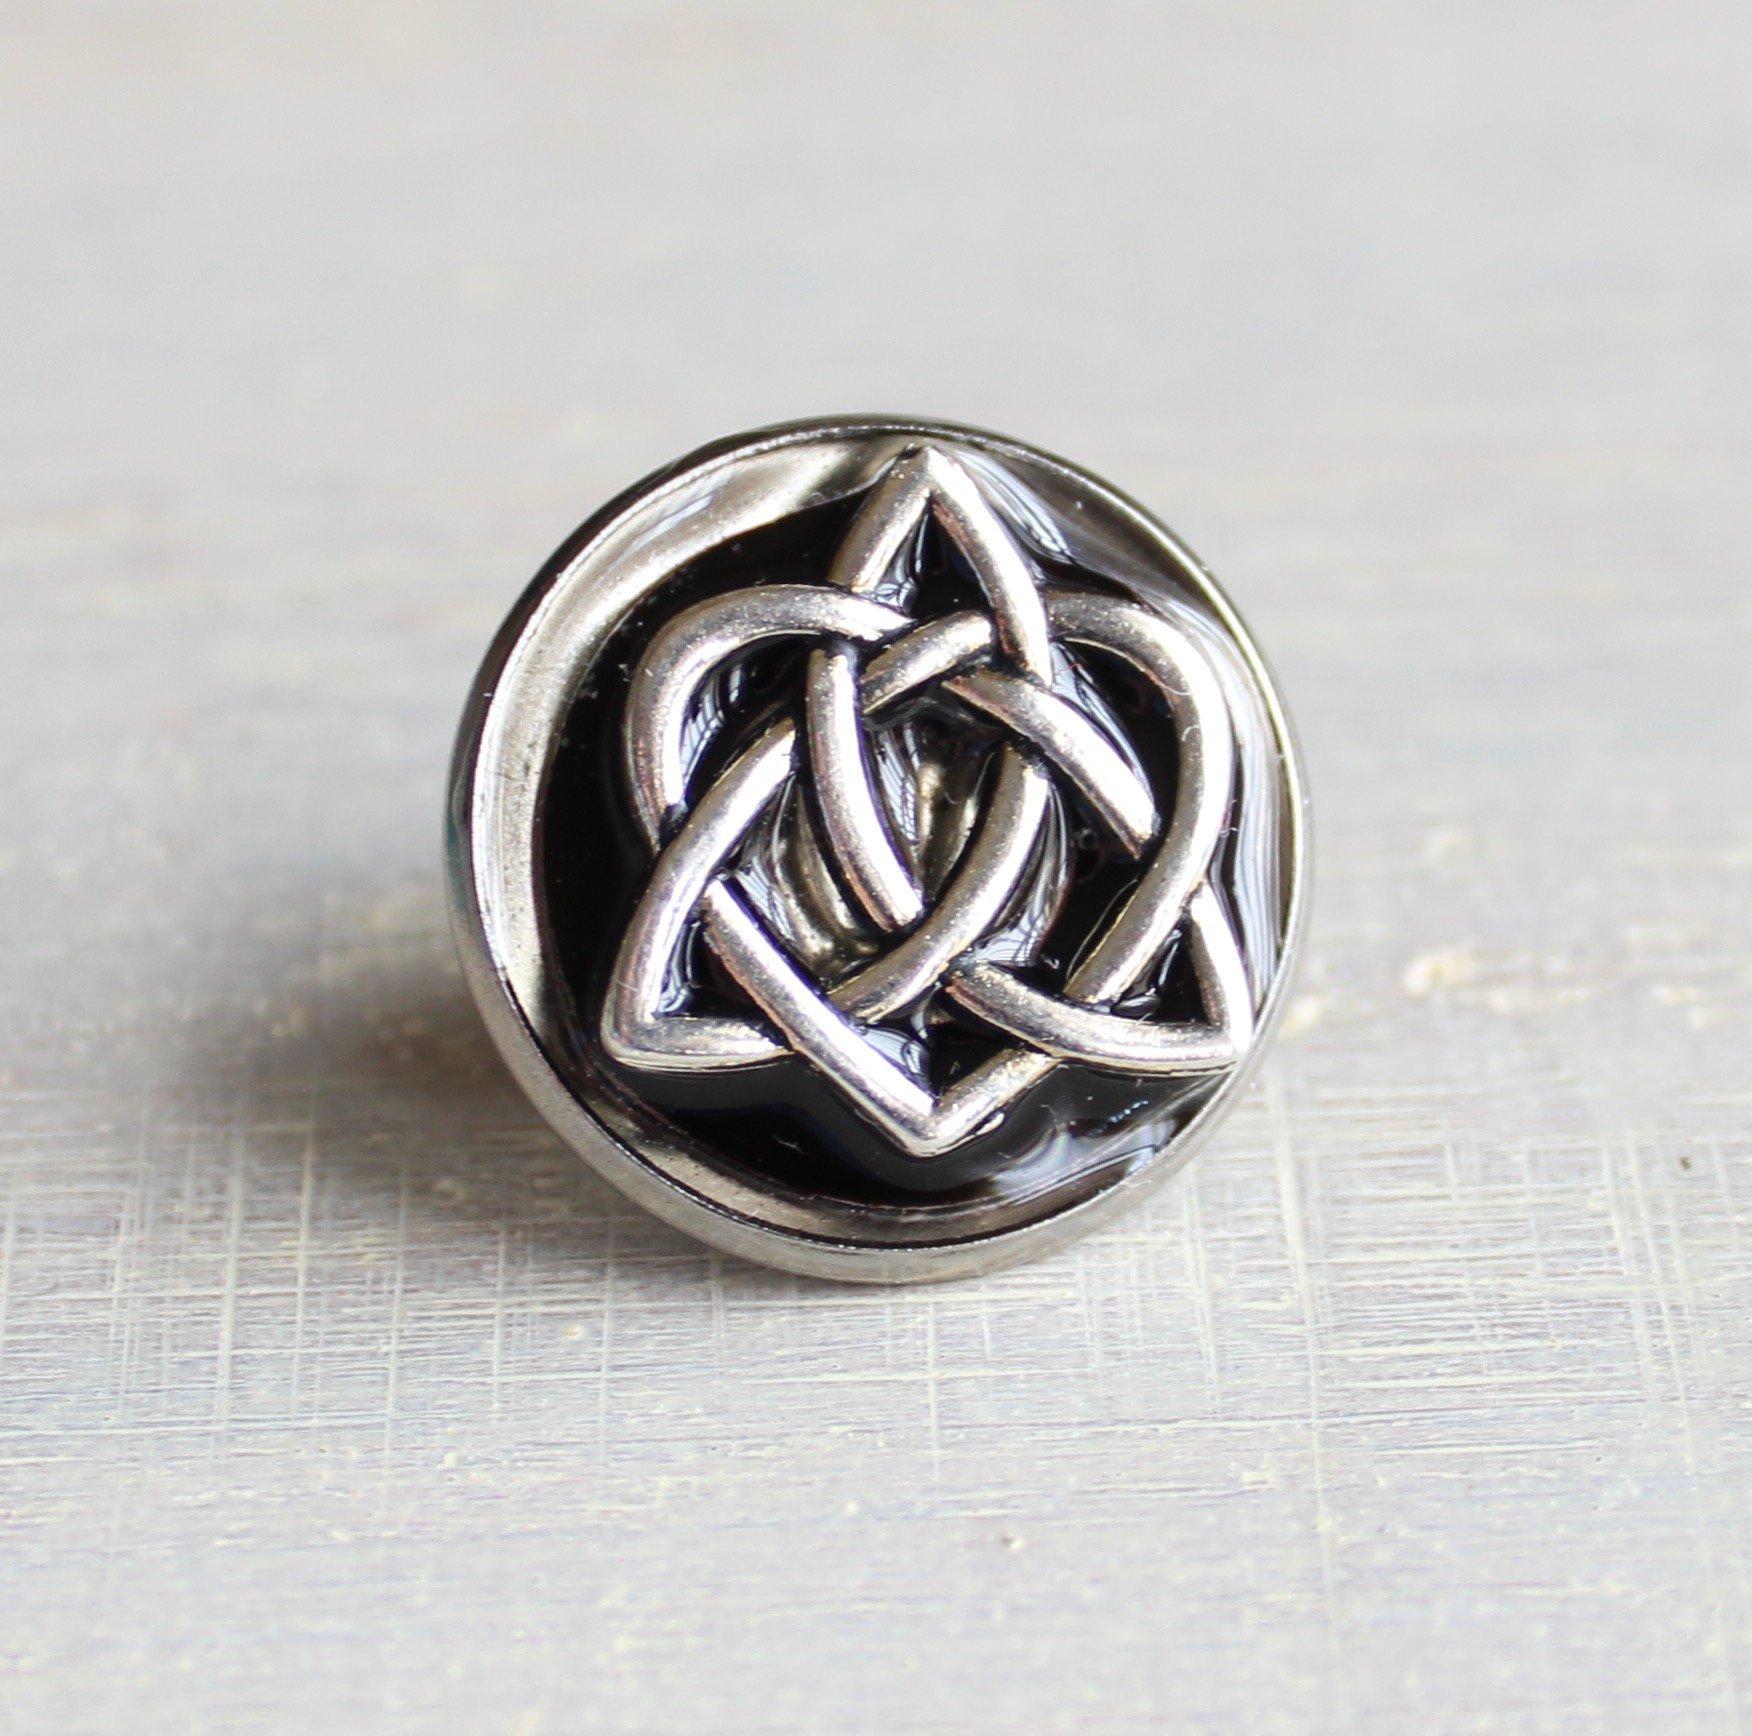 Black celtic knot tie tack / lapel pin.